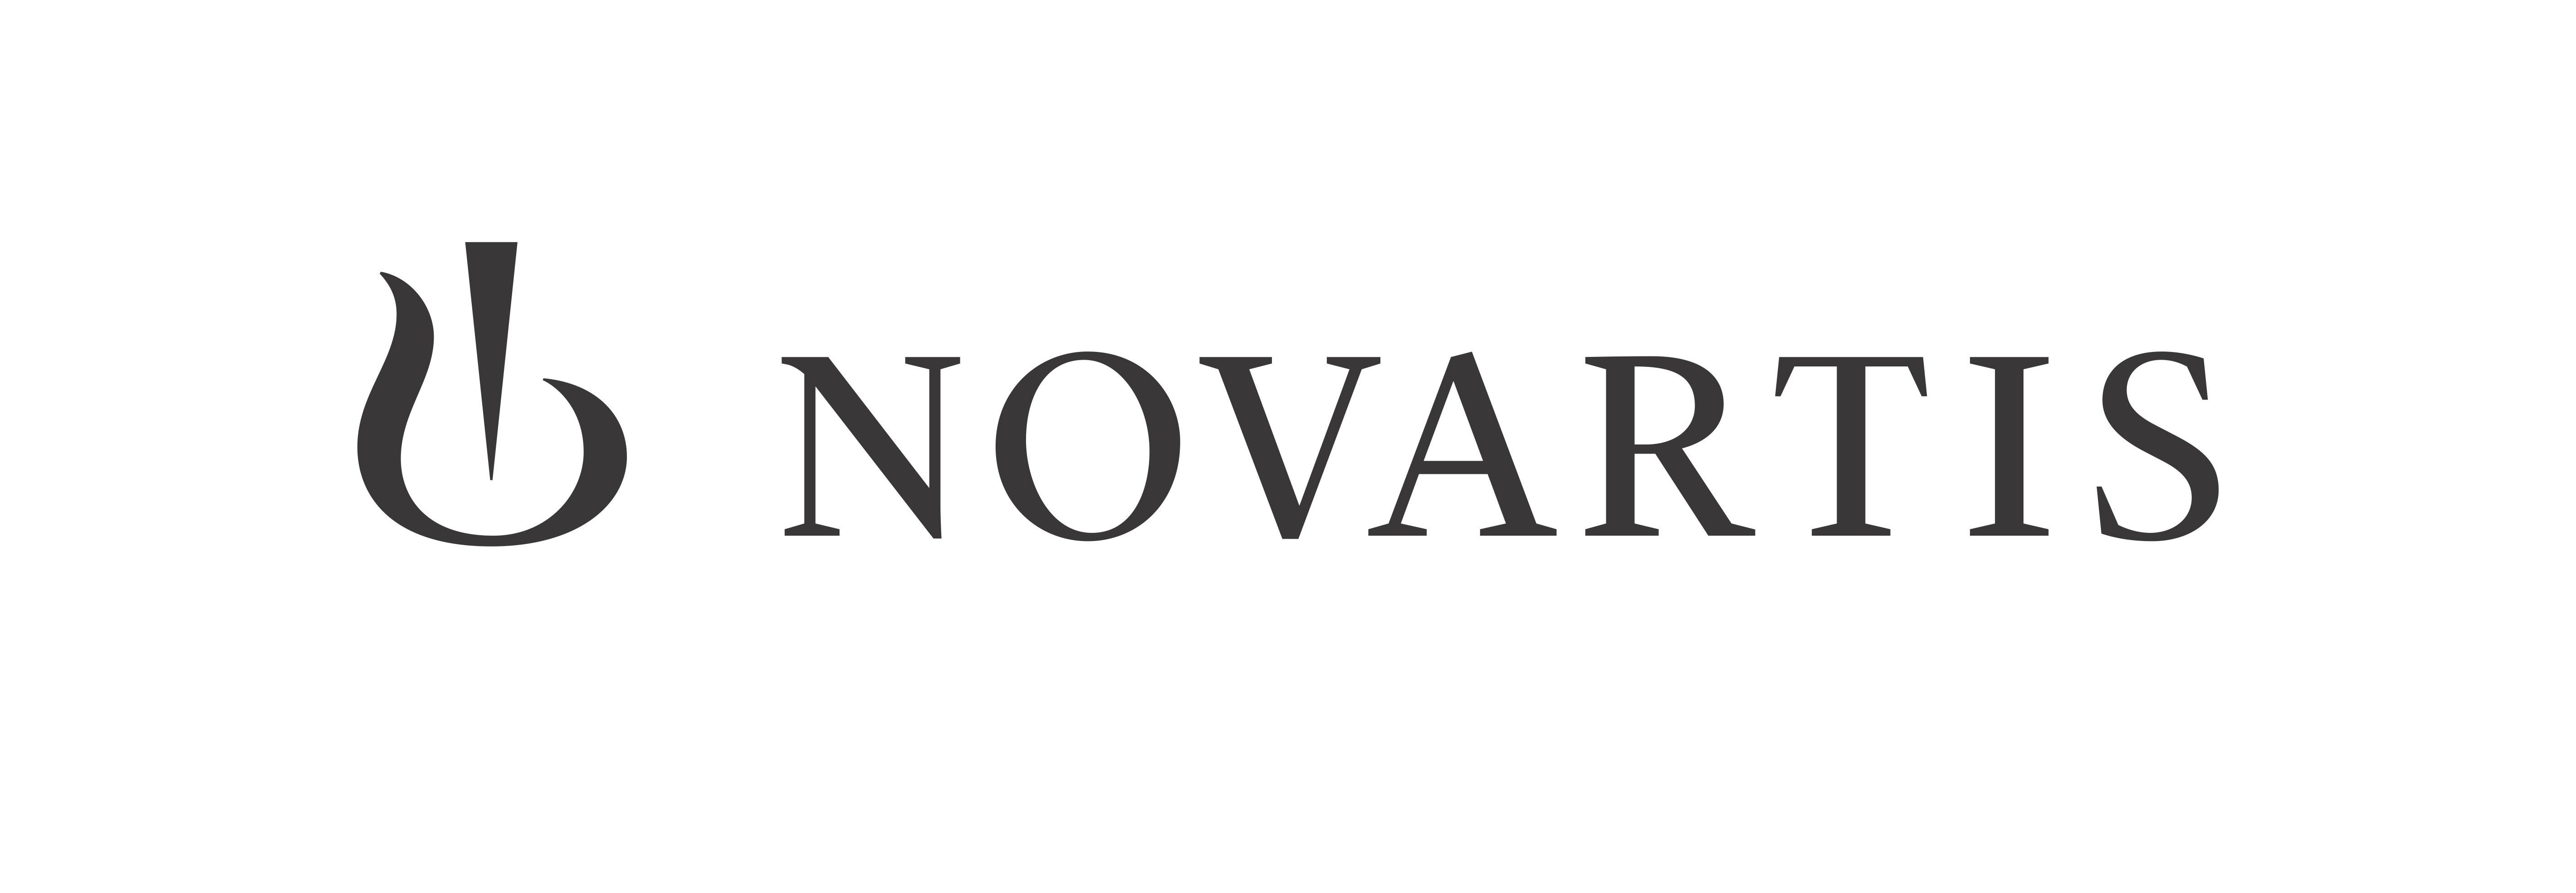 Novartis Logo Pos Blk